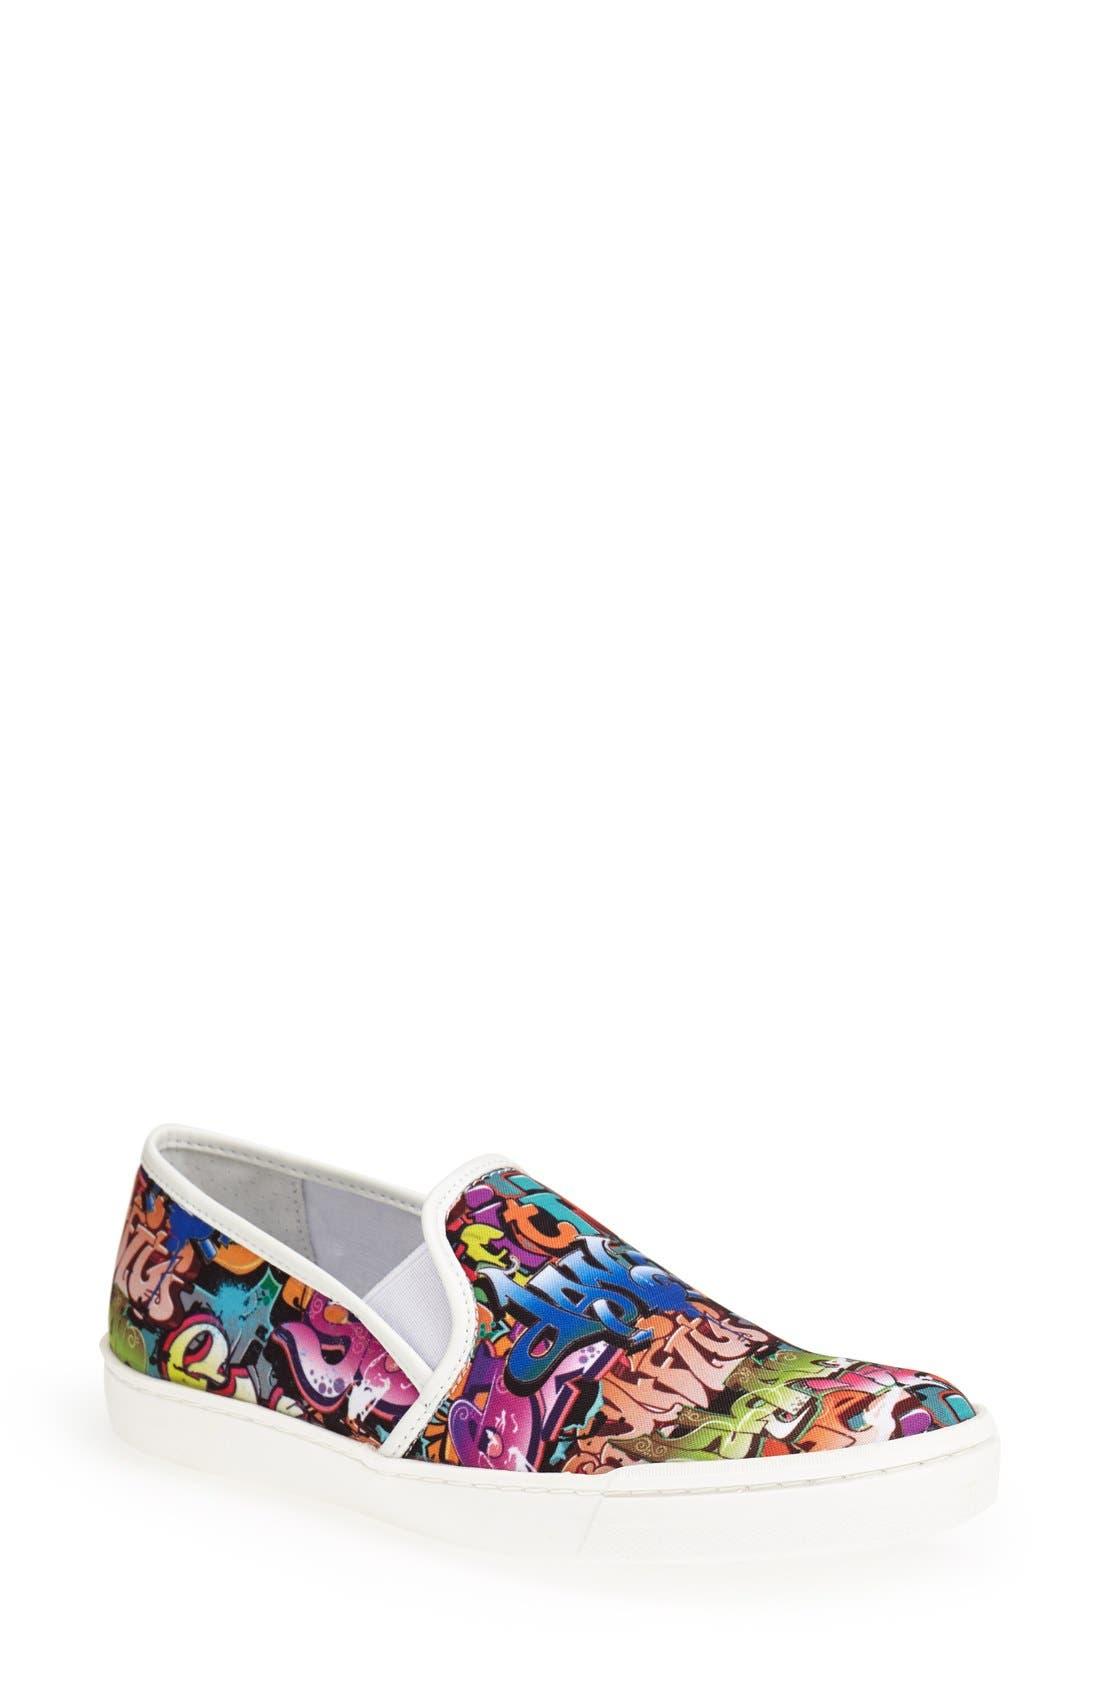 Alternate Image 1 Selected - Steve Madden 'Ecentrcm' Graffiti Print Slip-On Sneaker (Women)